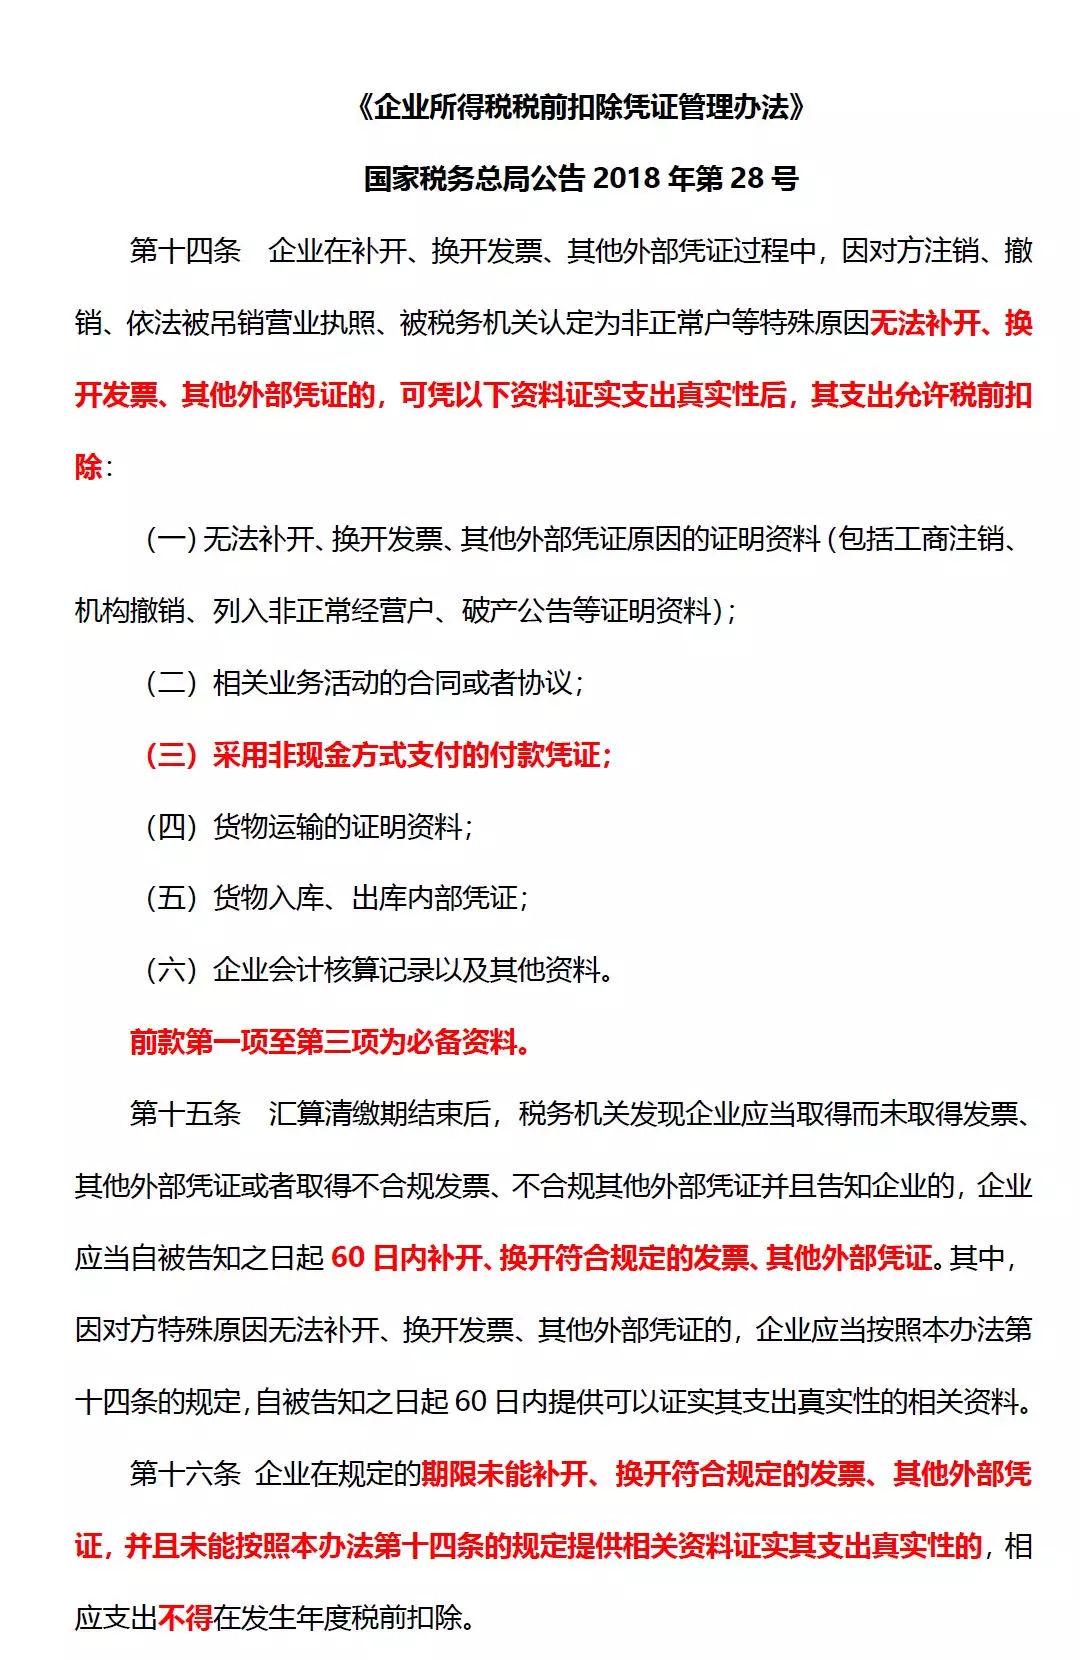 余姚上元会计培训:现金支付可能不能税前扣除